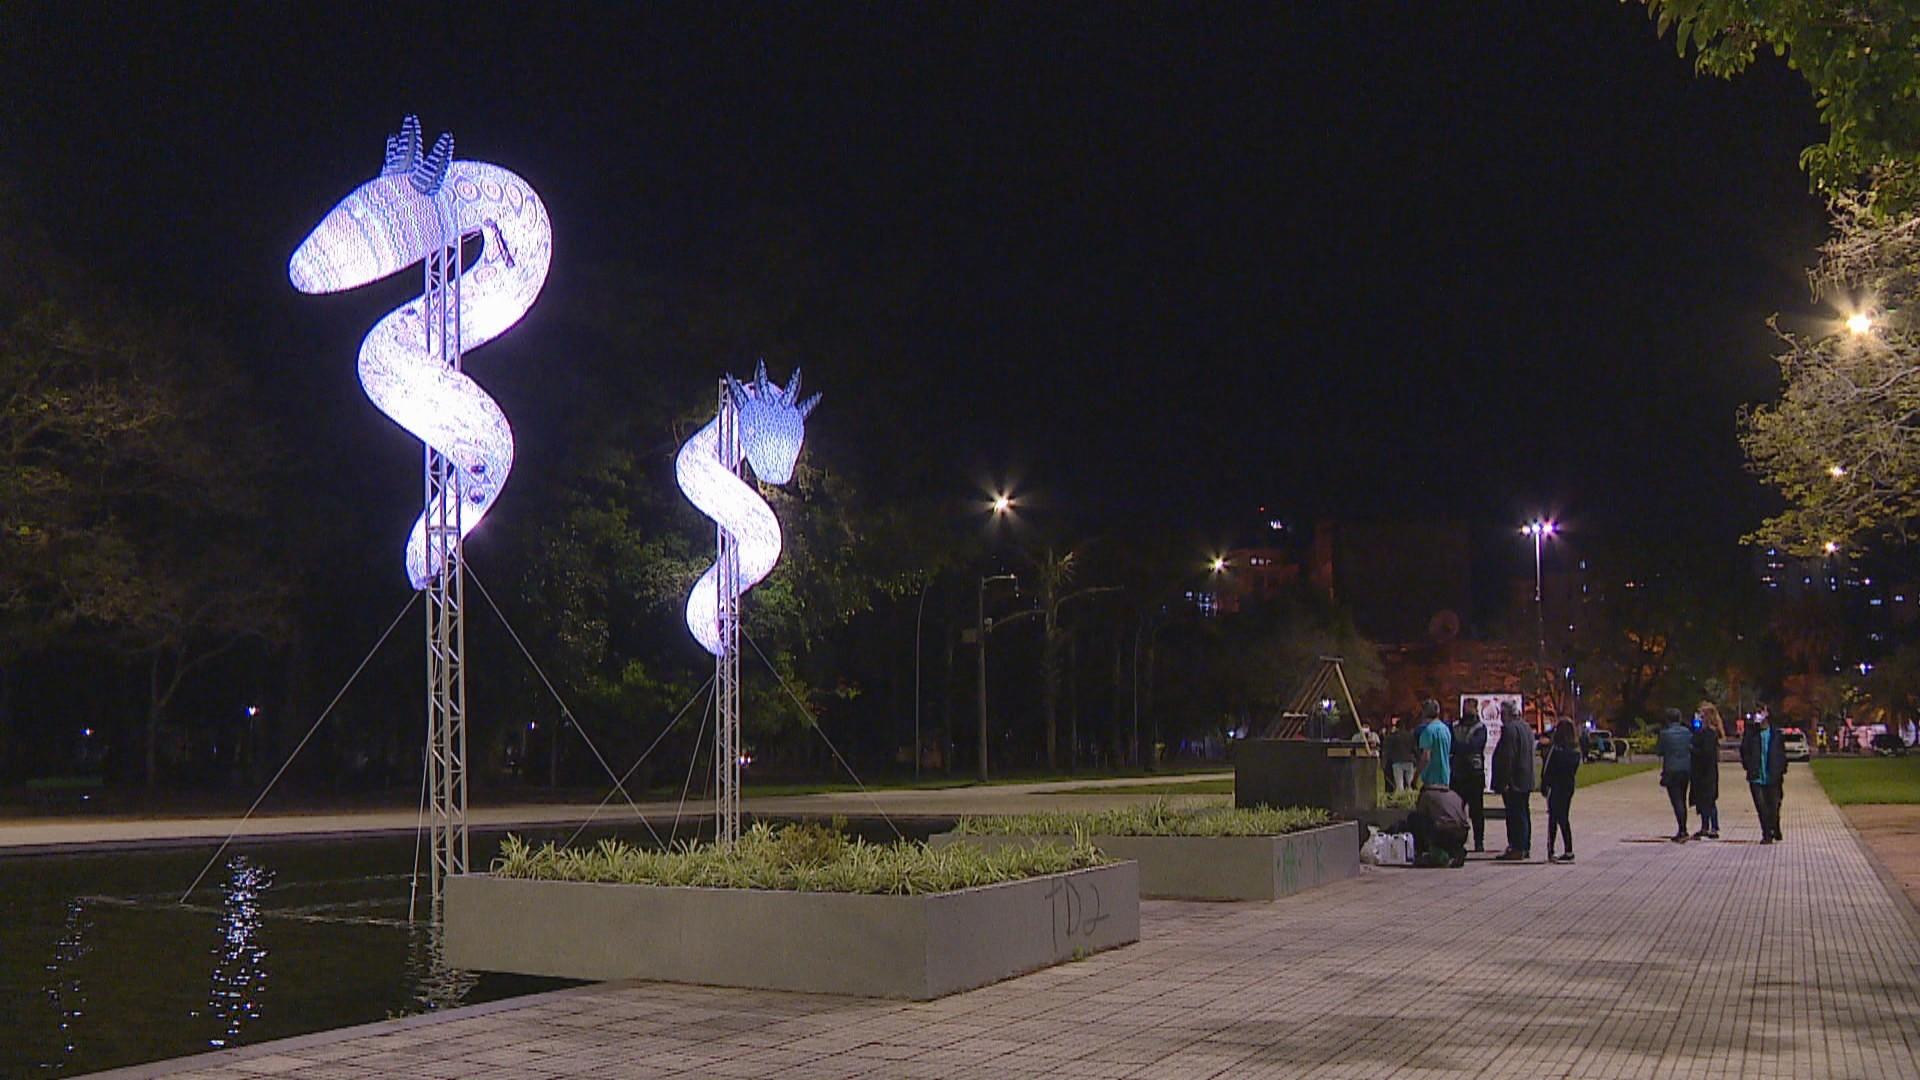 Obra indígena 'Entidades' é contraponto histórico no parque que homenageia a Revolução Farroupilha em Porto Alegre